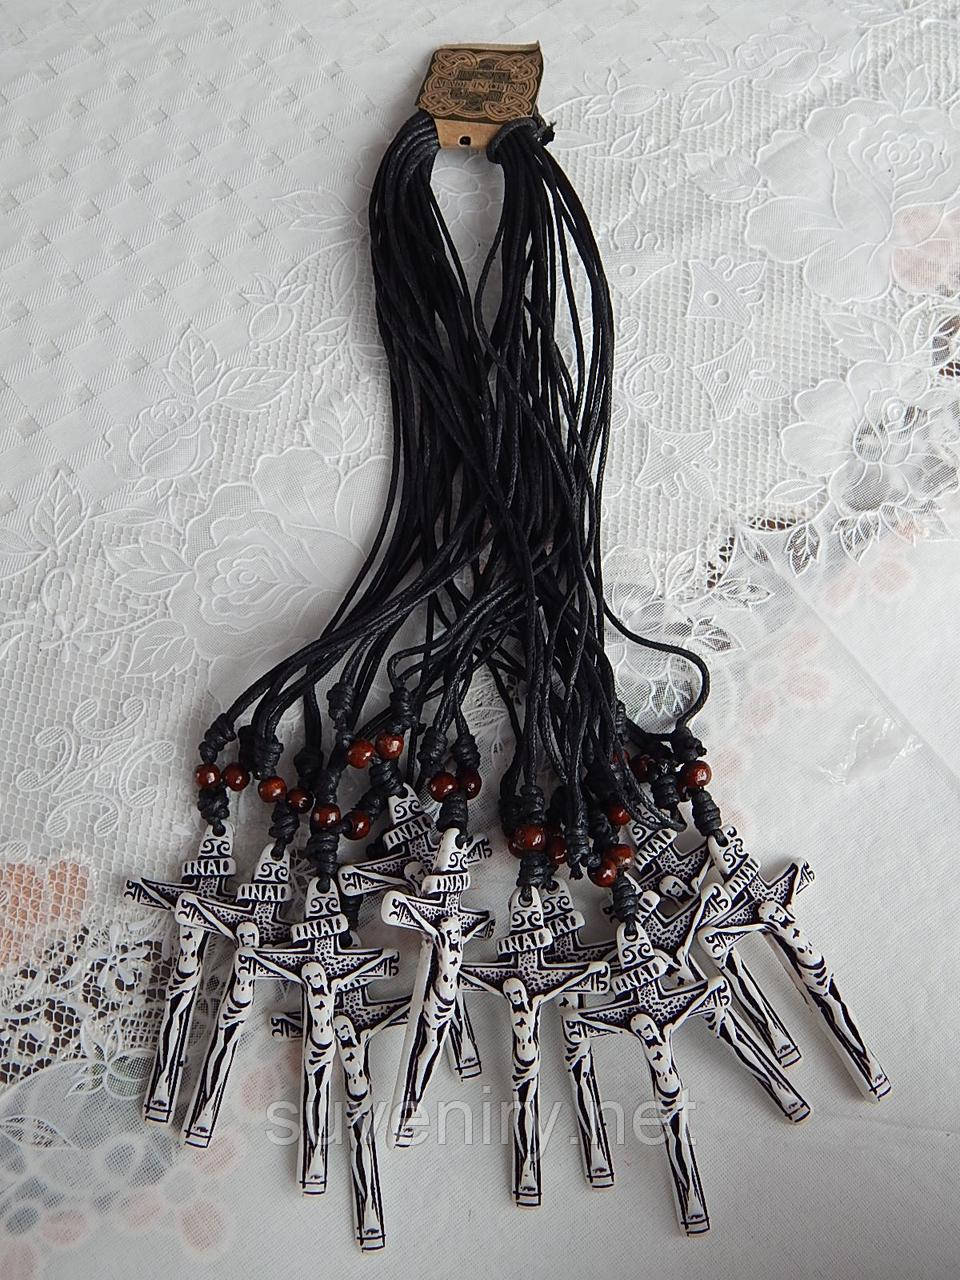 Мужская подвеска с крестом на шею, фото 1